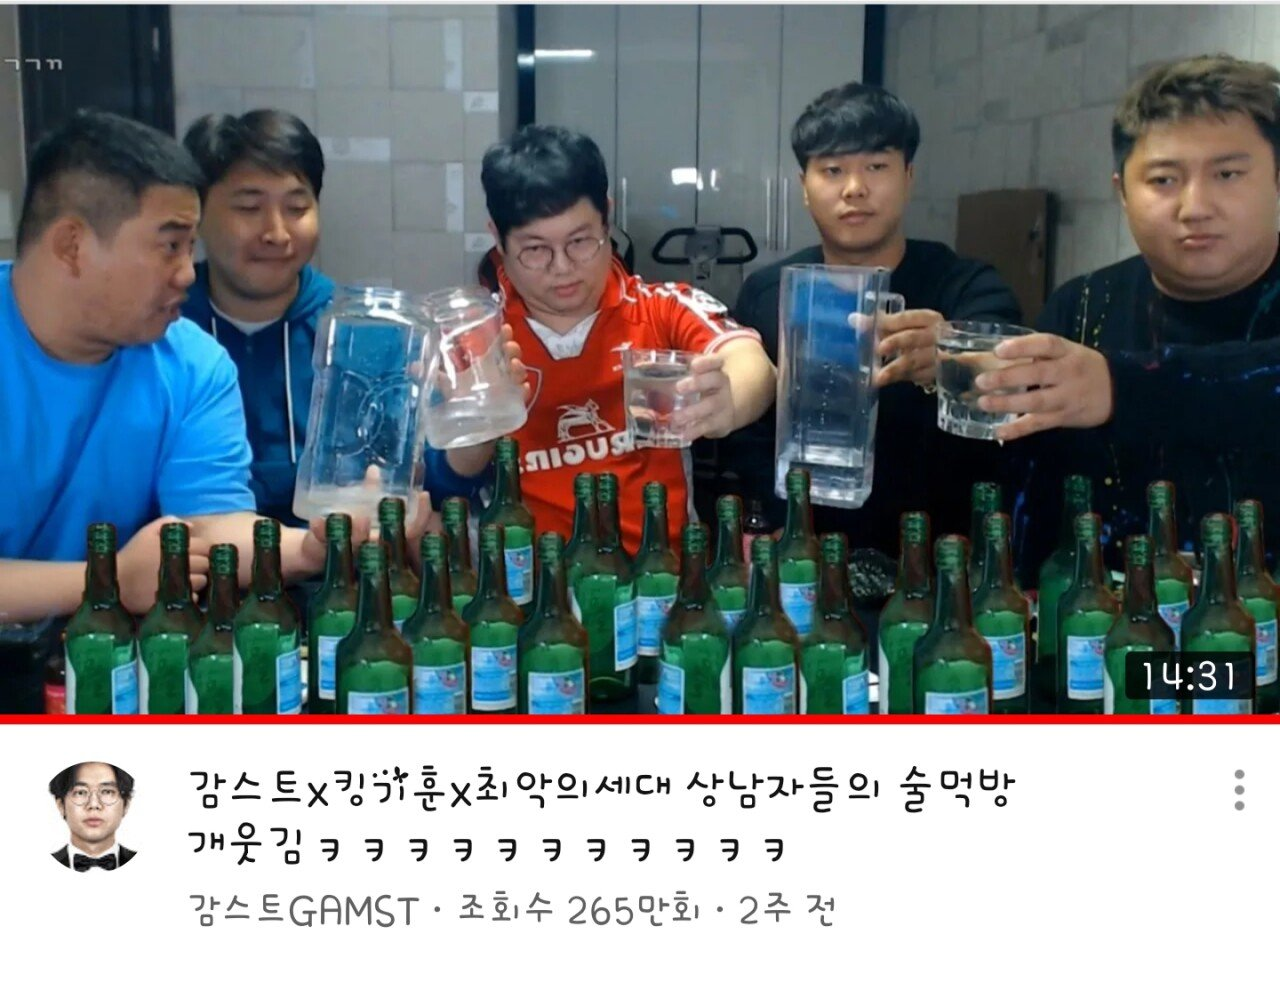 감스트x최악의세대 술먹방 유튜브 조회수 근황